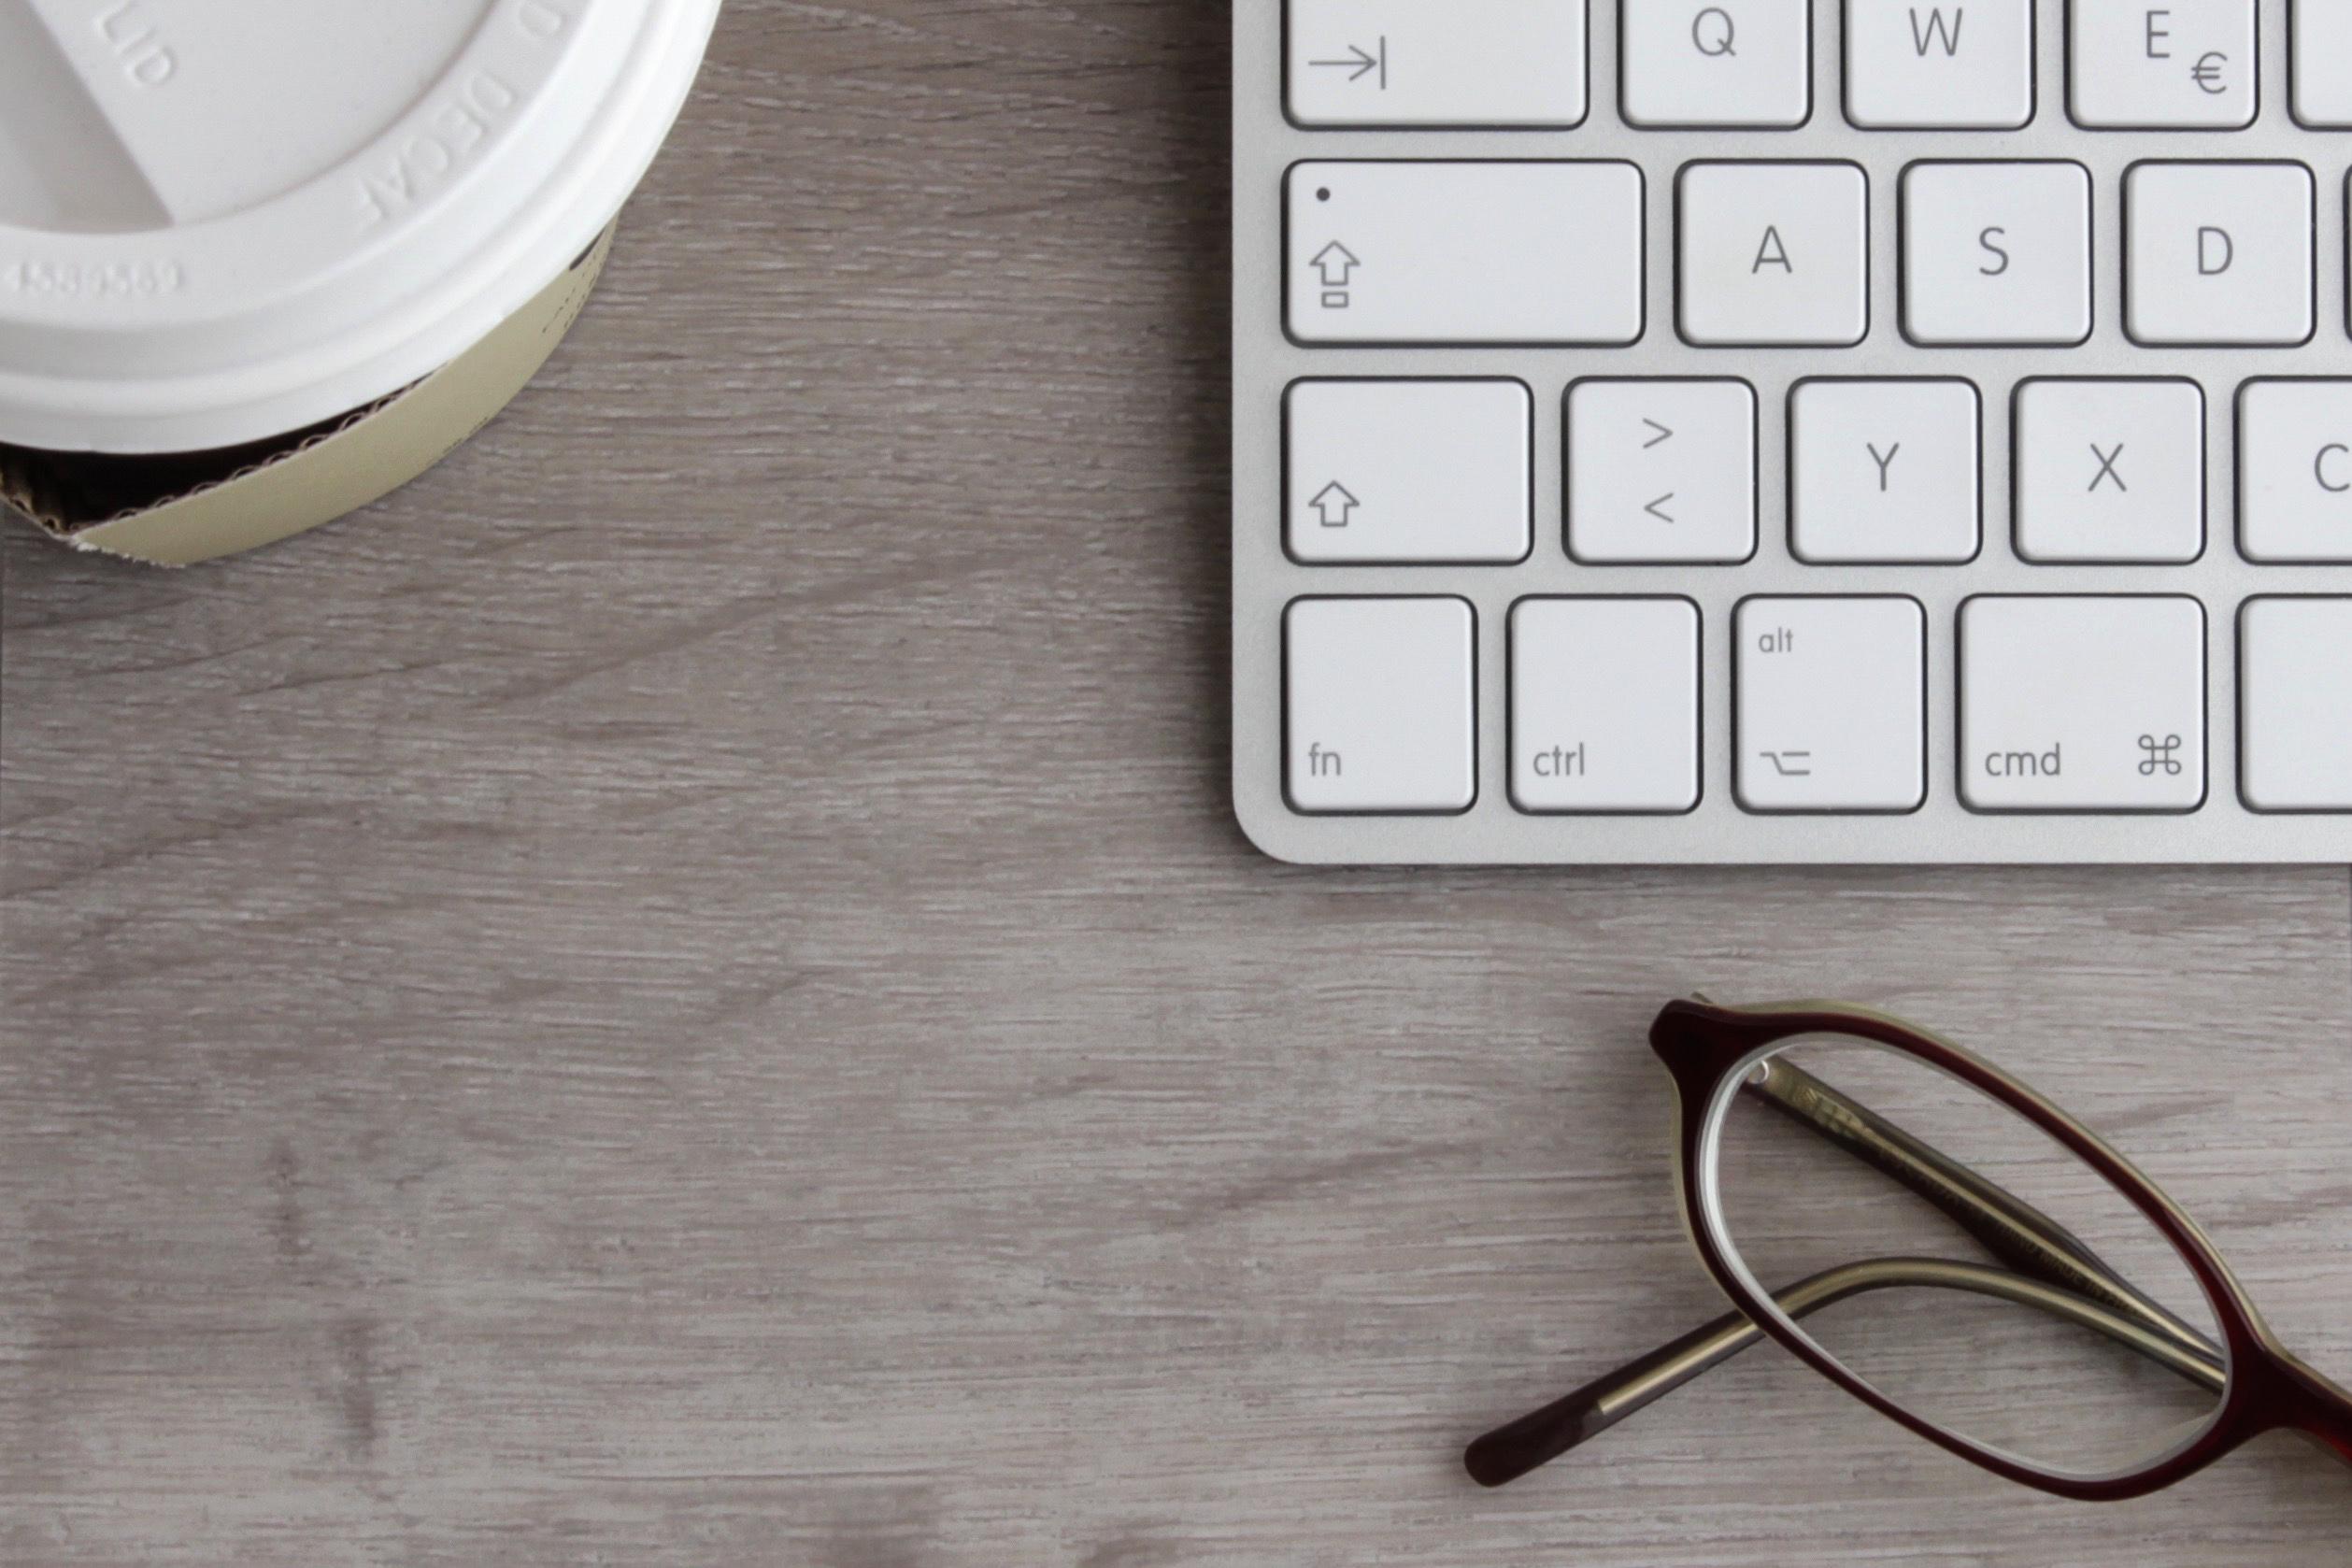 keyboard, coffee, glasses